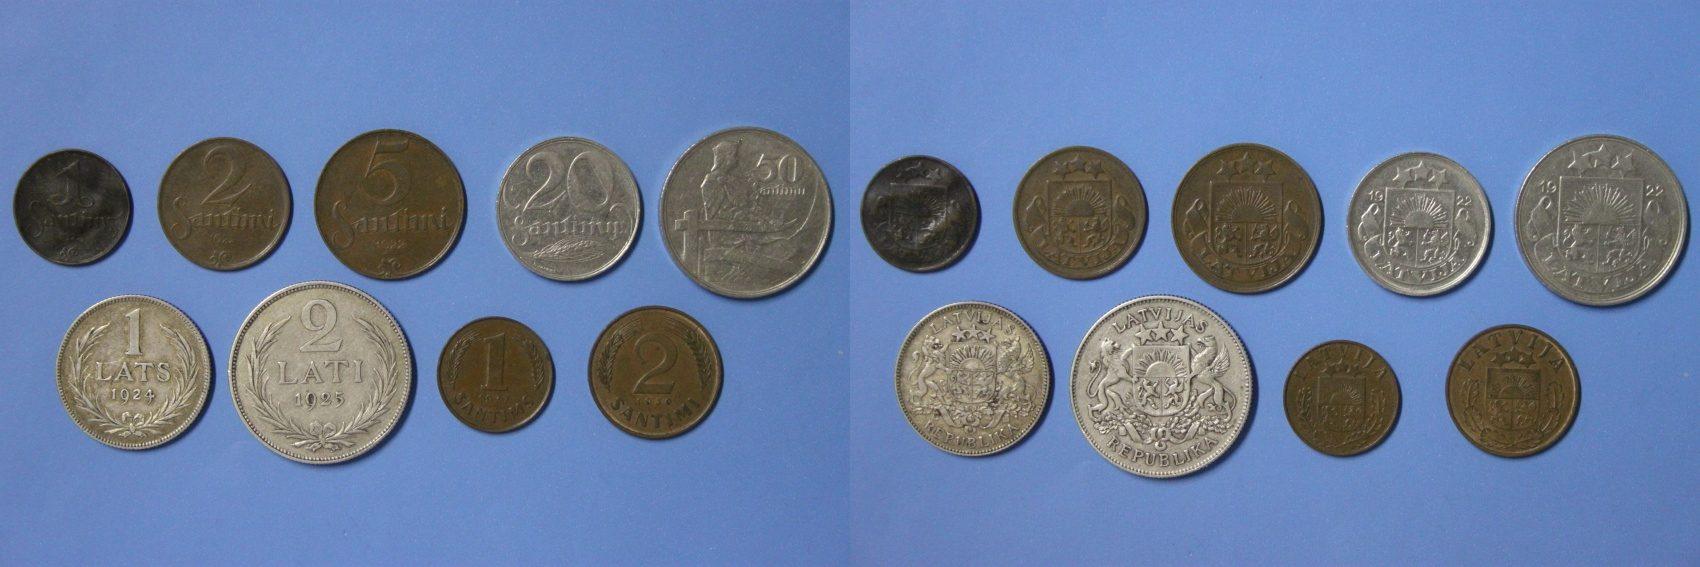 Satz 1 Santims 2 Lats Diverse Lettland 9 Münzen 1 Santims Bis 2